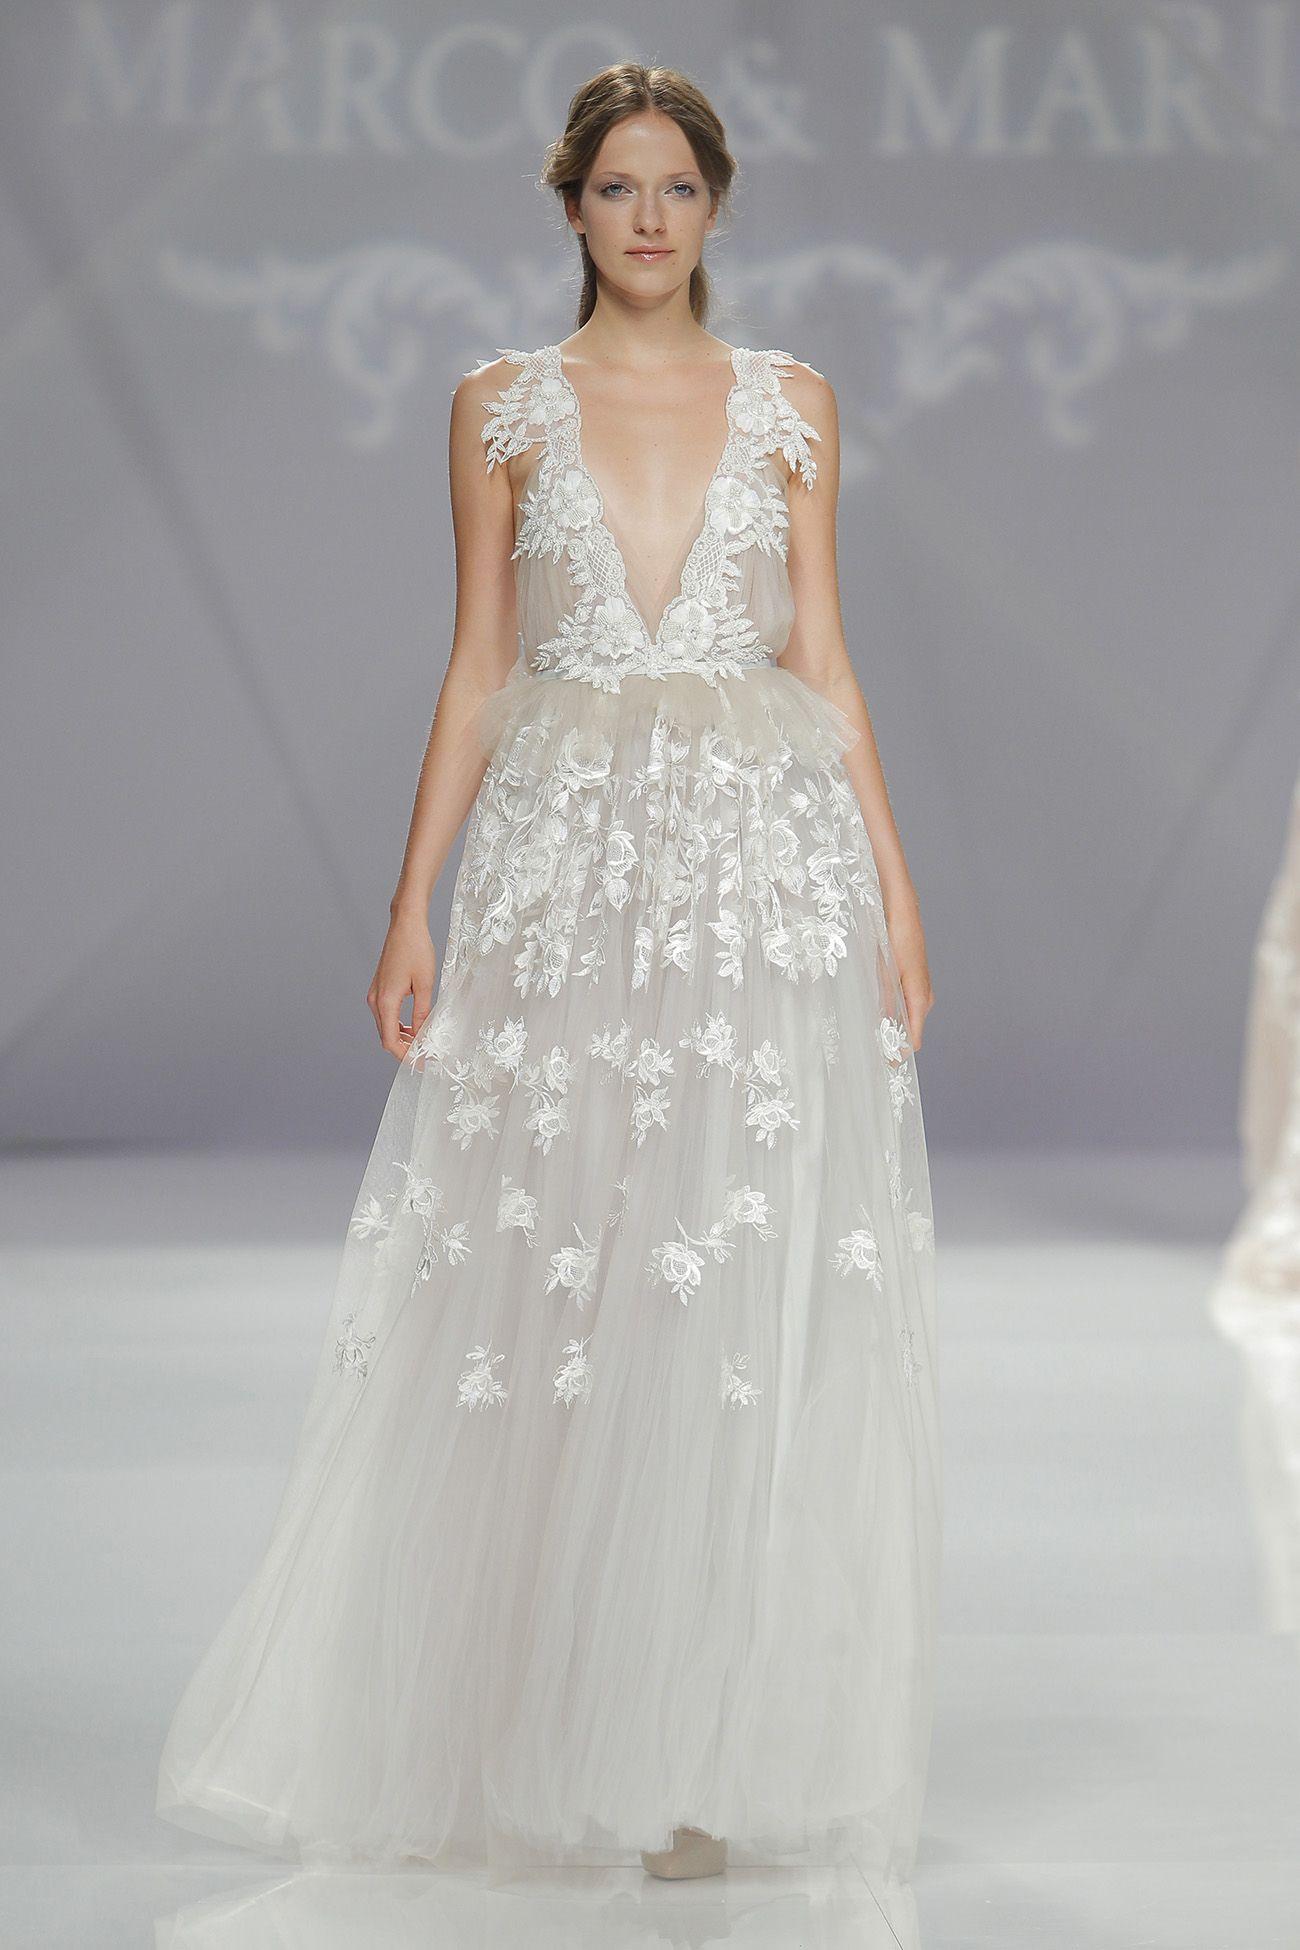 ae348201b656 Wedding Dress Trends from Barcelona Bridal Fashion Week 2016 ...